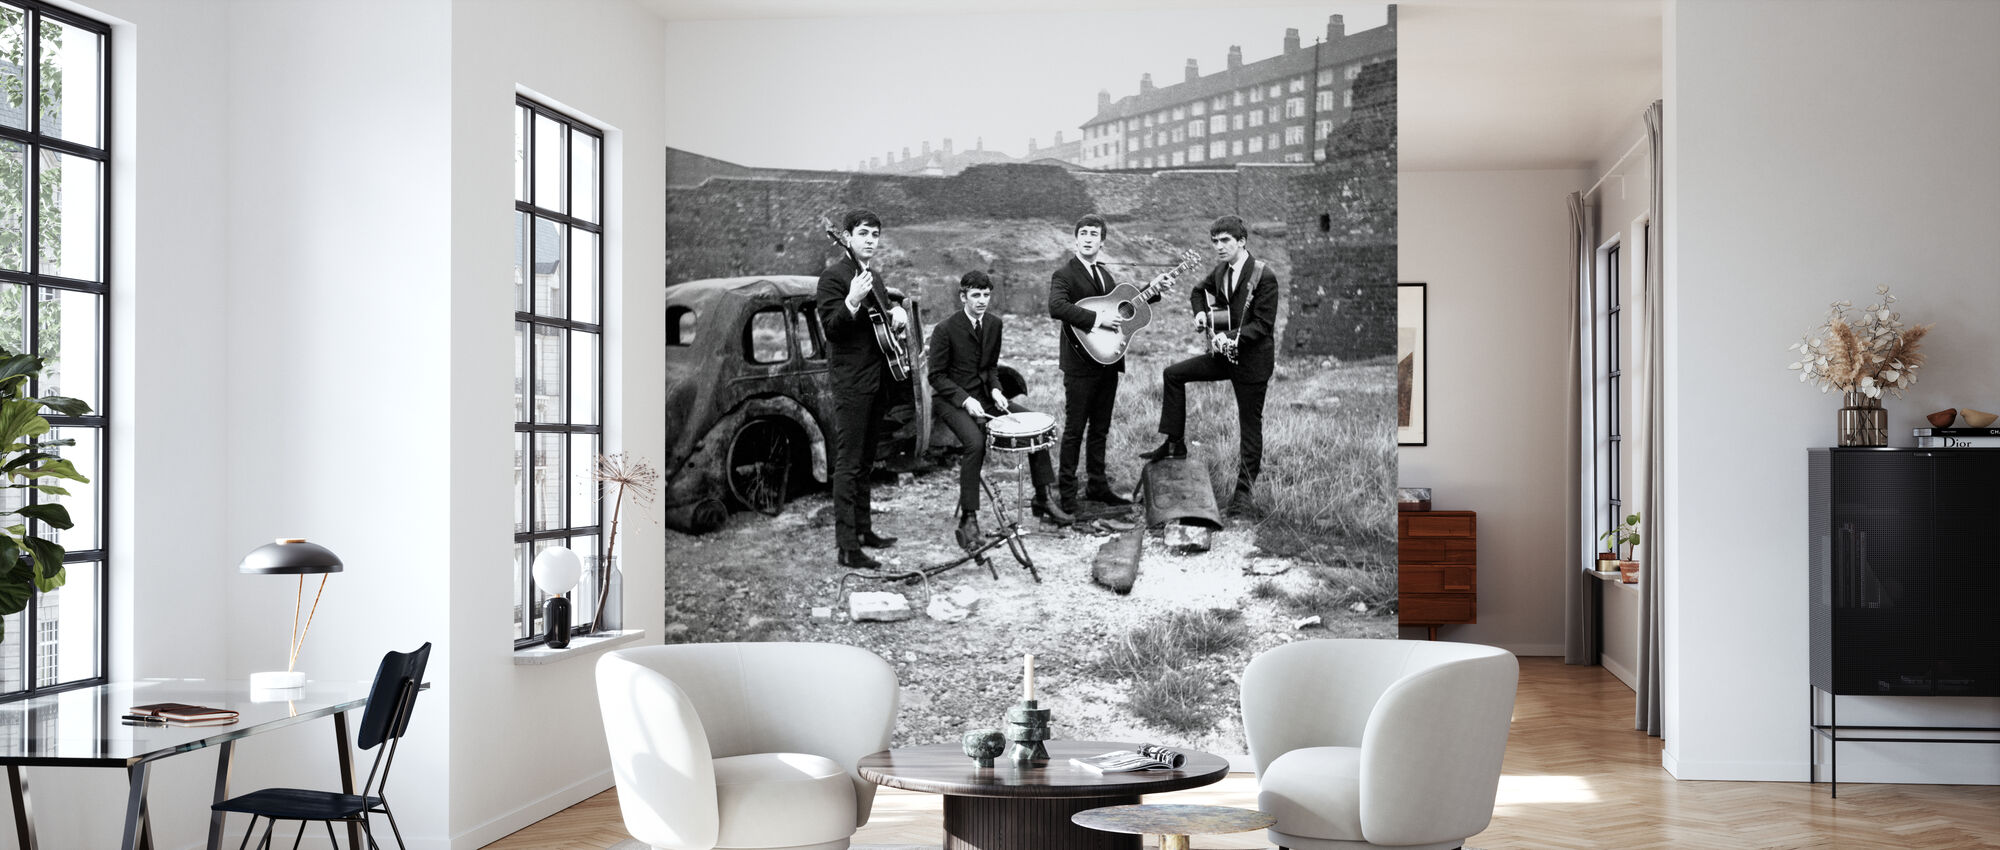 Les Beatles - Voiture abandonnée - Papier peint - Salle à manger